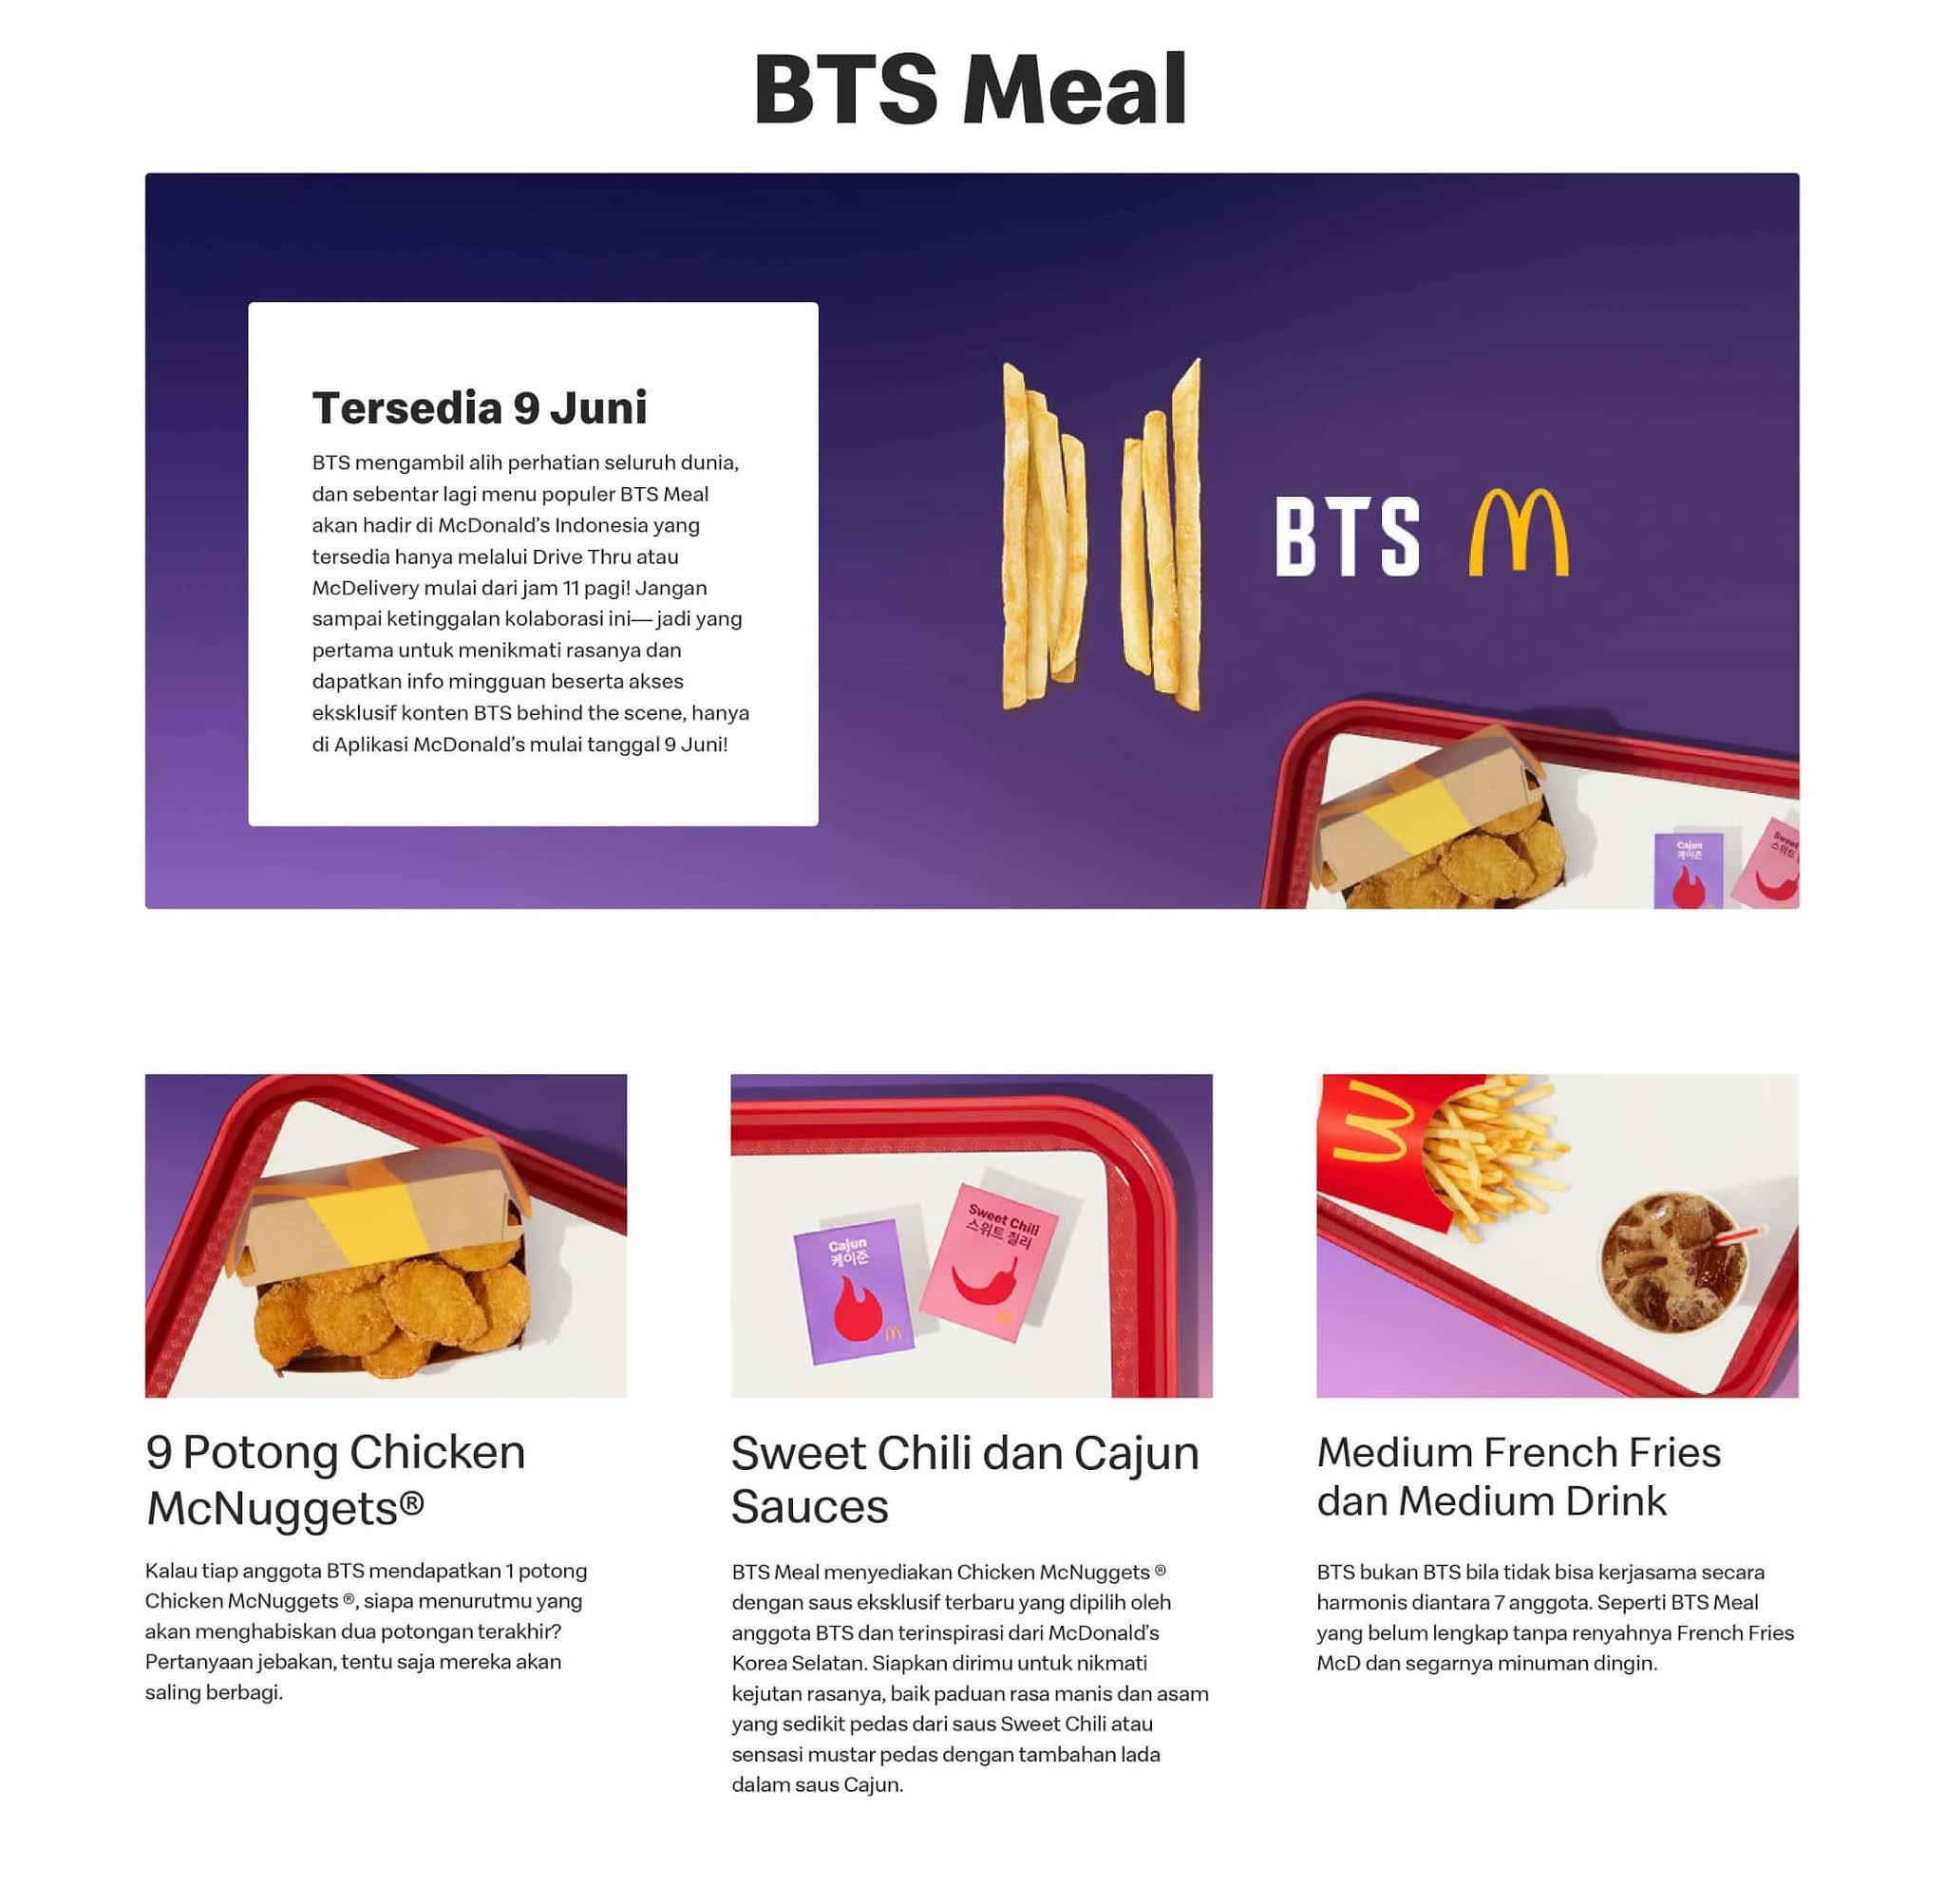 McDonalds BTS MEAL TERSEDIA mulai 09 JUNI 2021